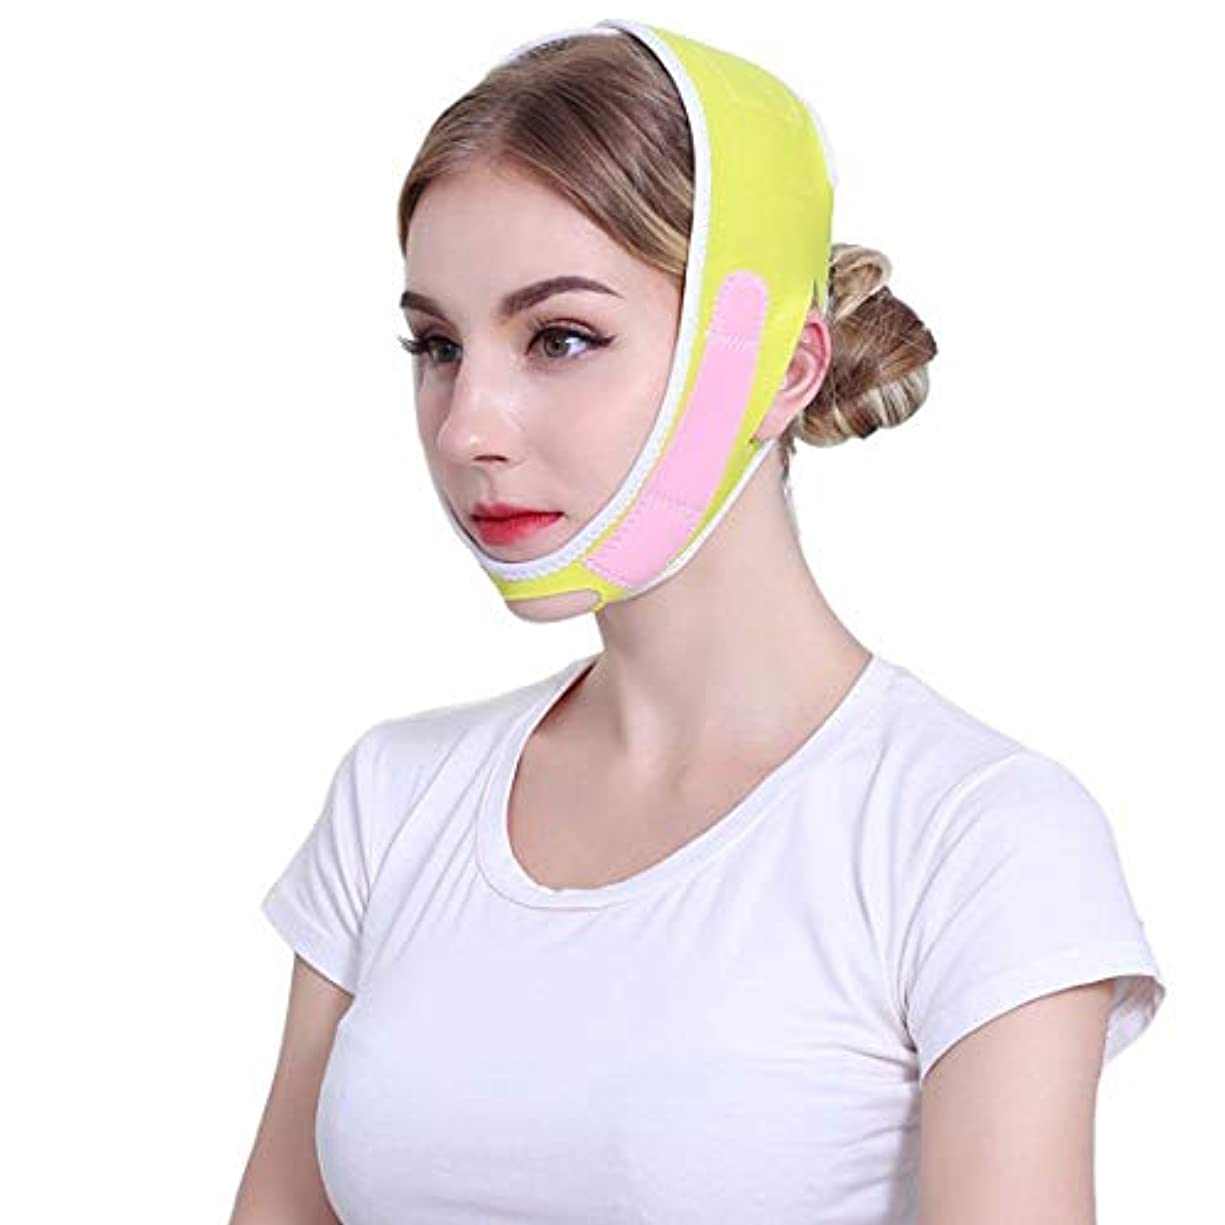 加速する赤道臨検ZWBD フェイスマスク, フェイスリフティング包帯v薄い顔の形の男性と女性vフェイスリフティング引き締めリフティングフェイス包帯黄色